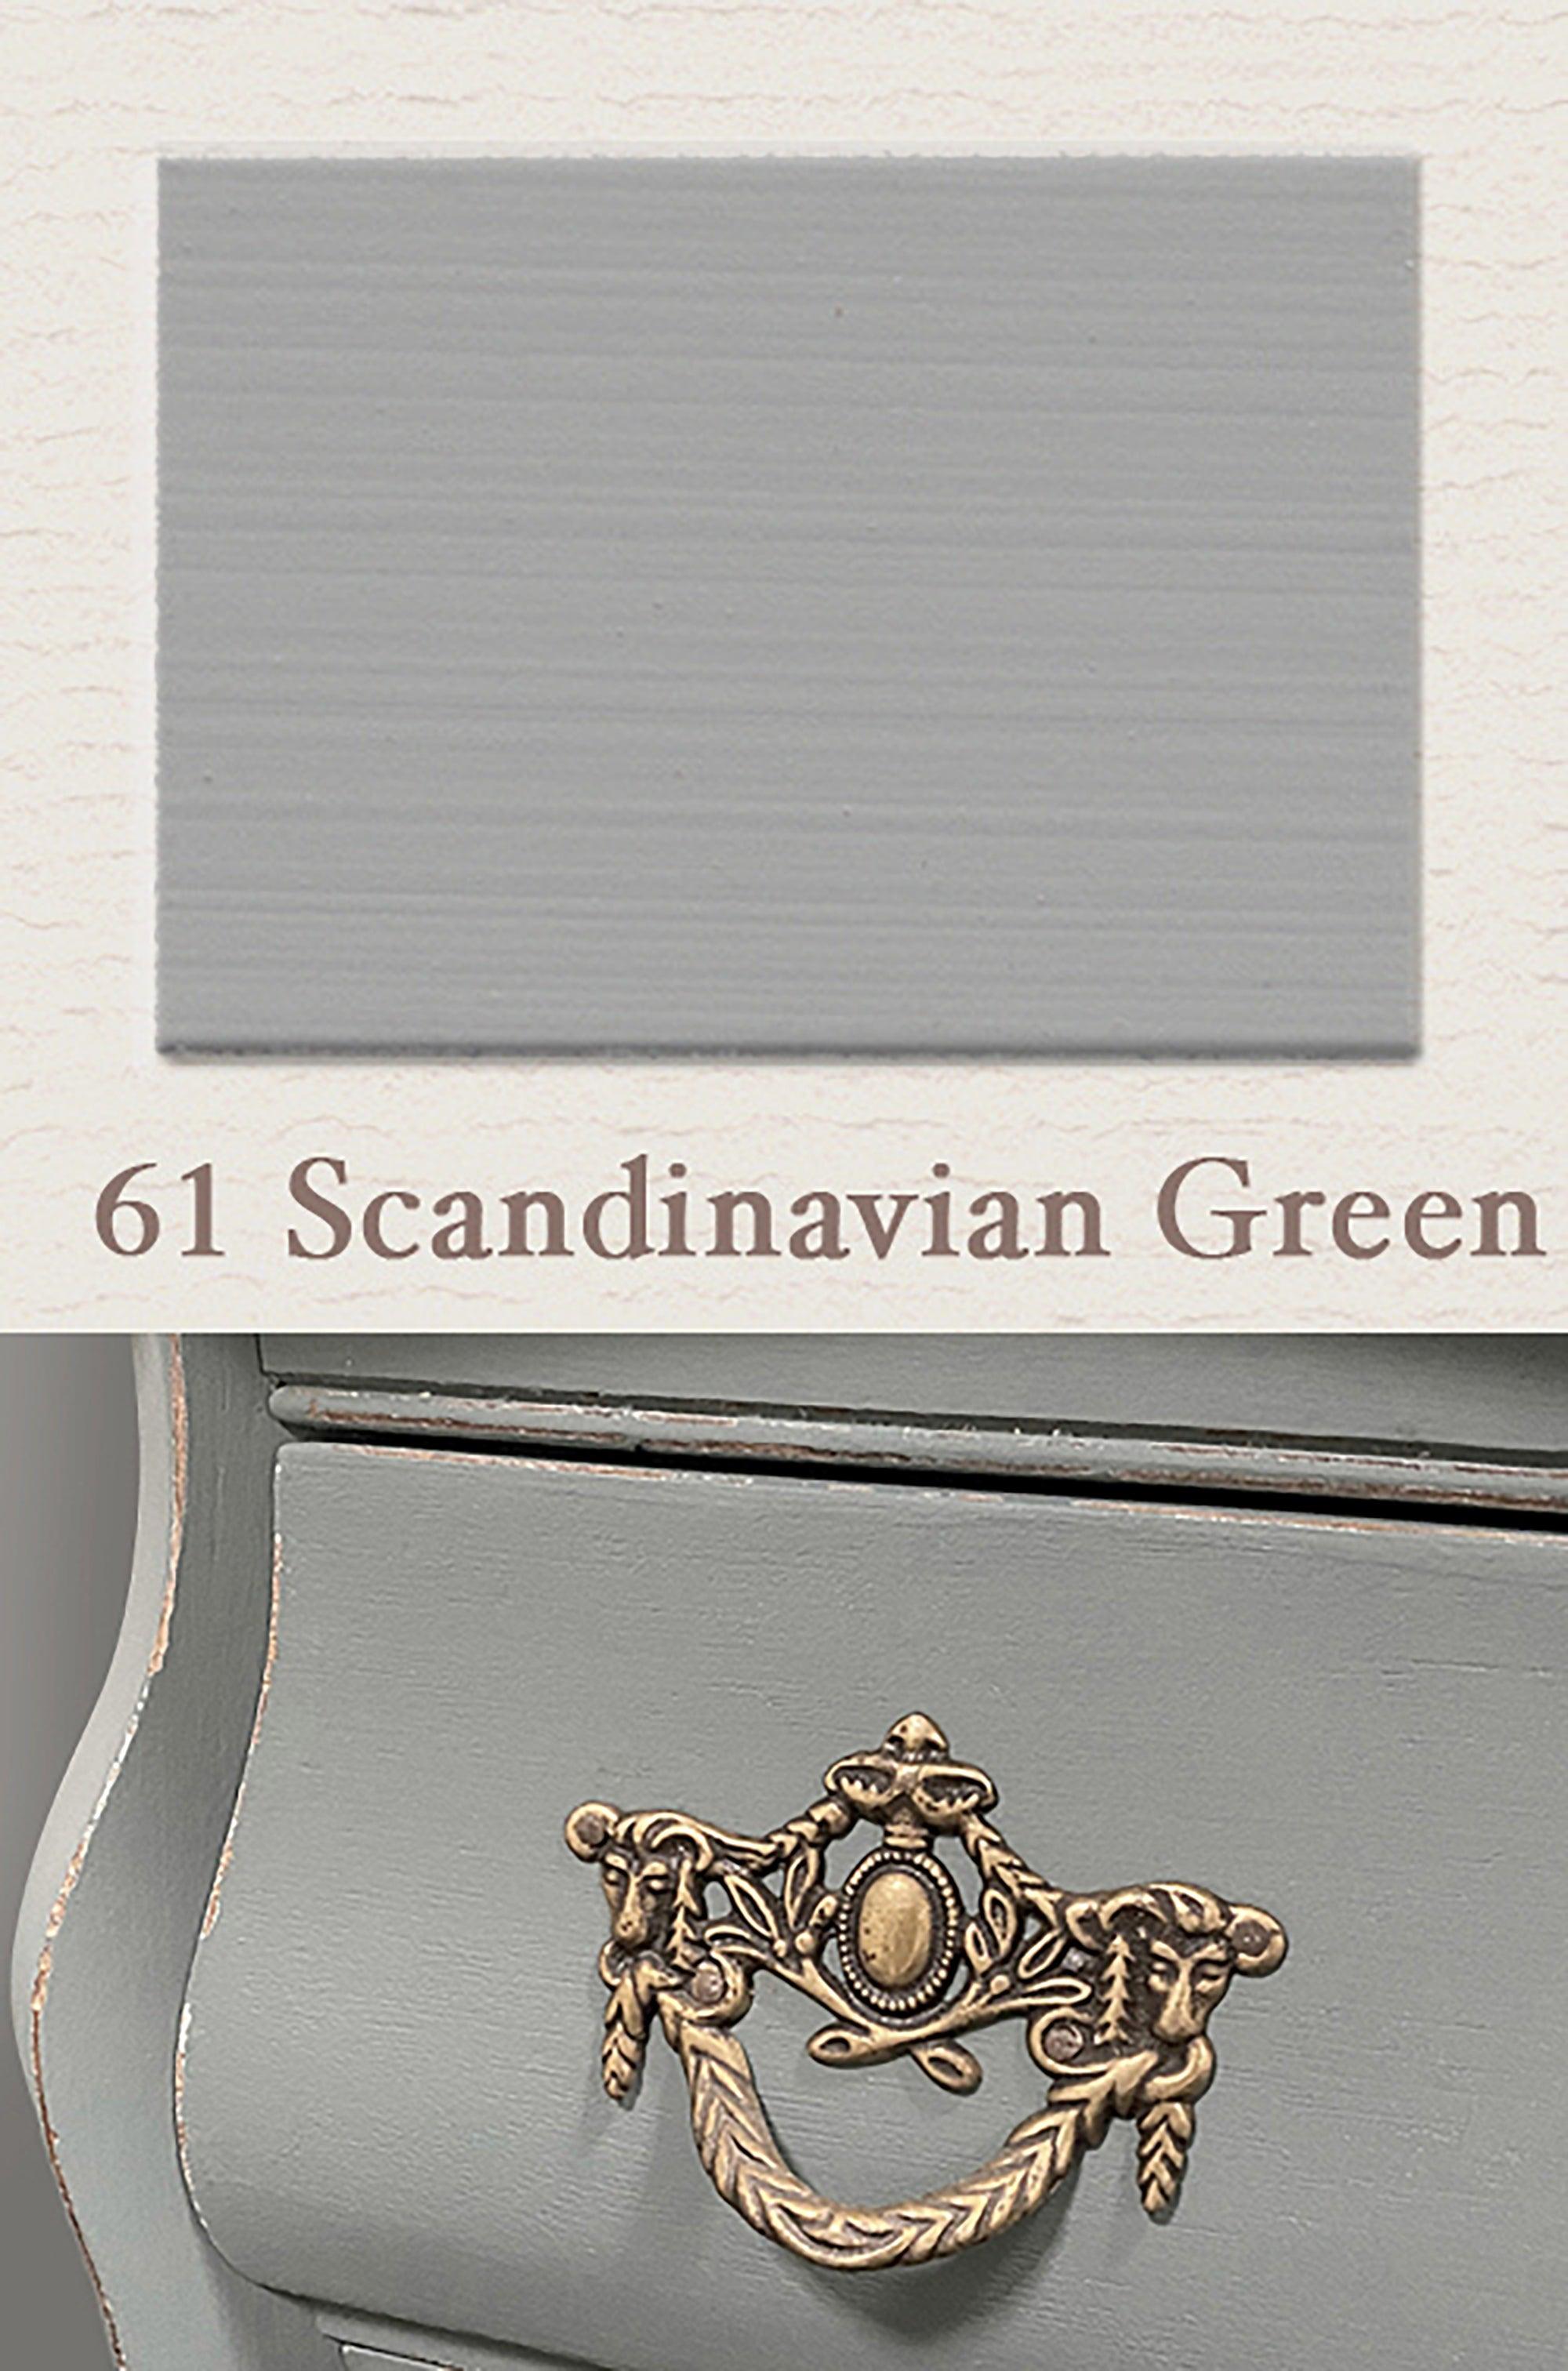 Scandinavian Green